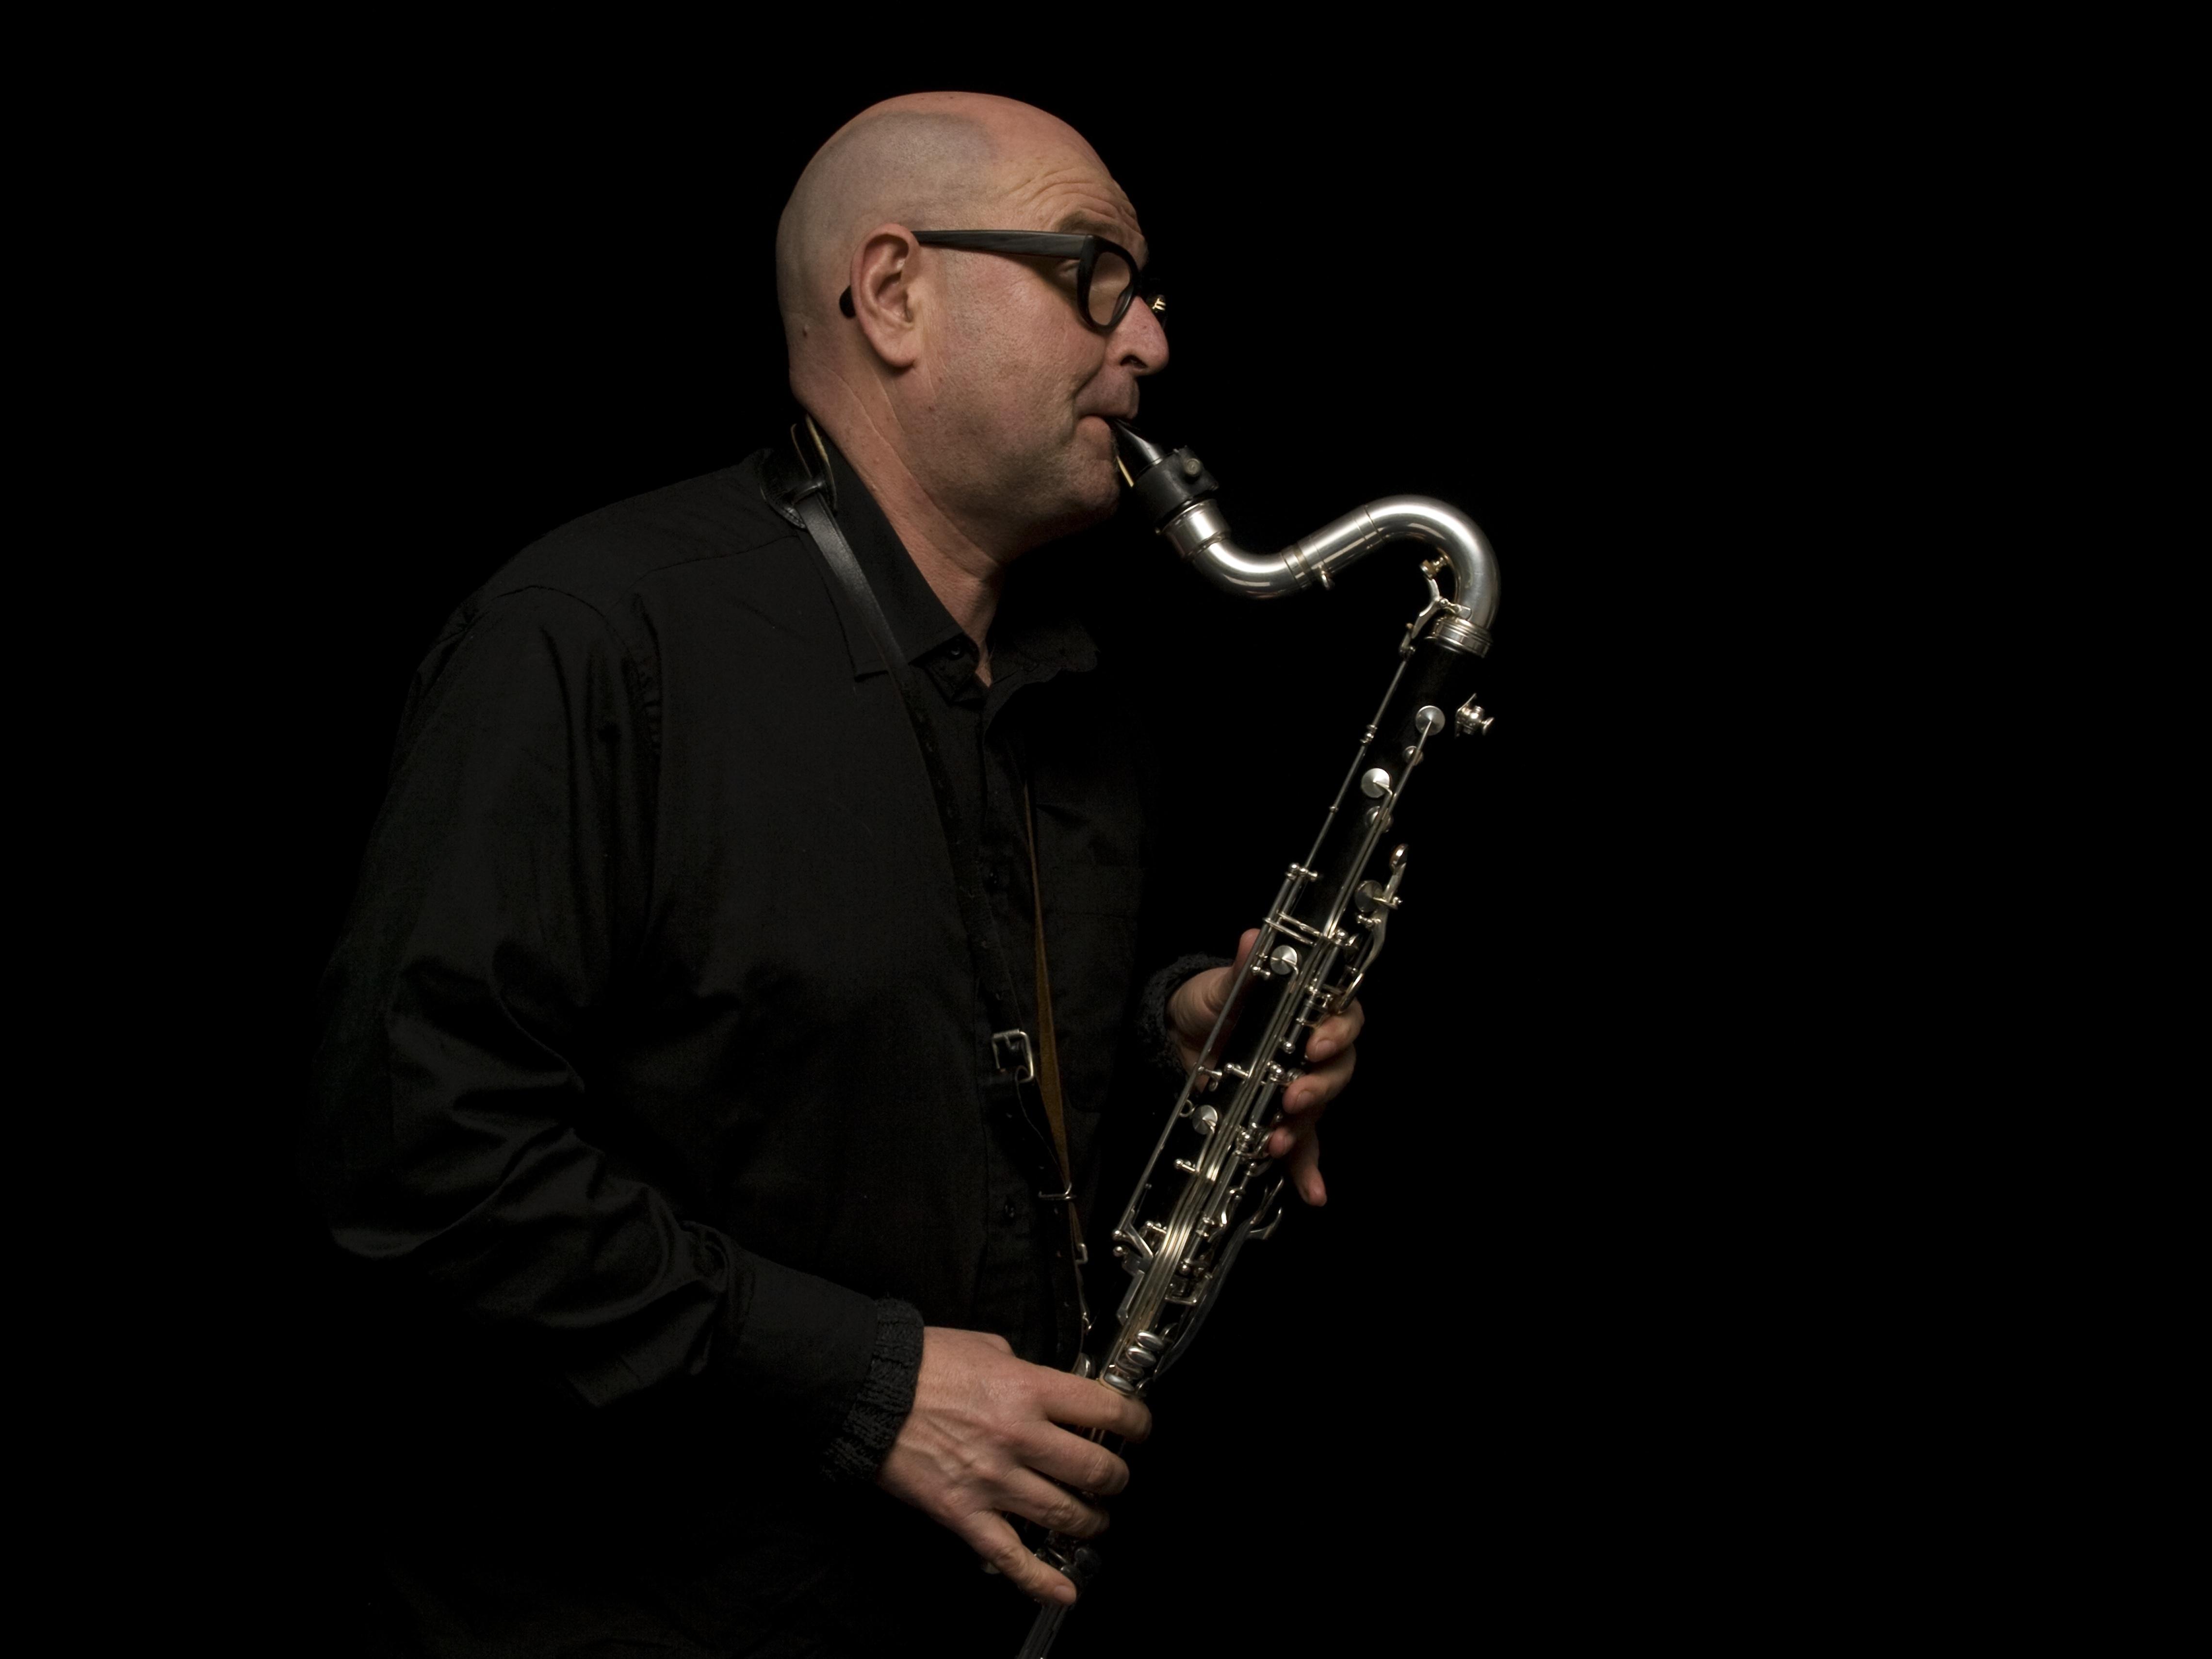 Markus Eichenberger